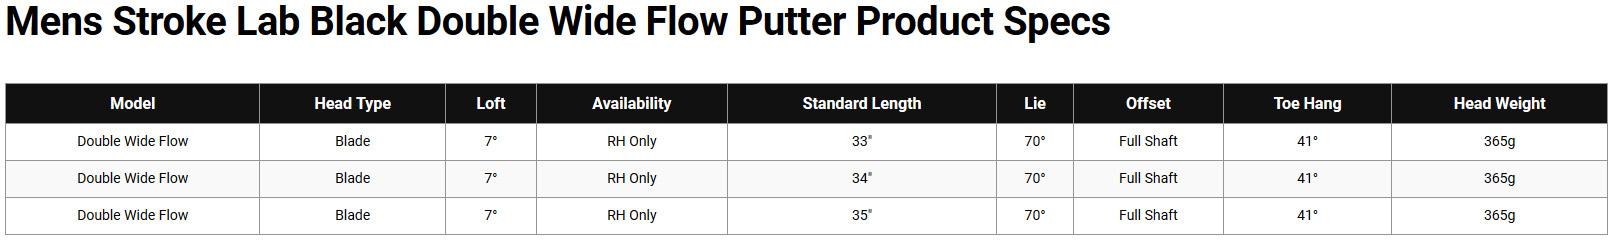 Putter Stroke Lab Black Double Wide Flow Callaway 2020